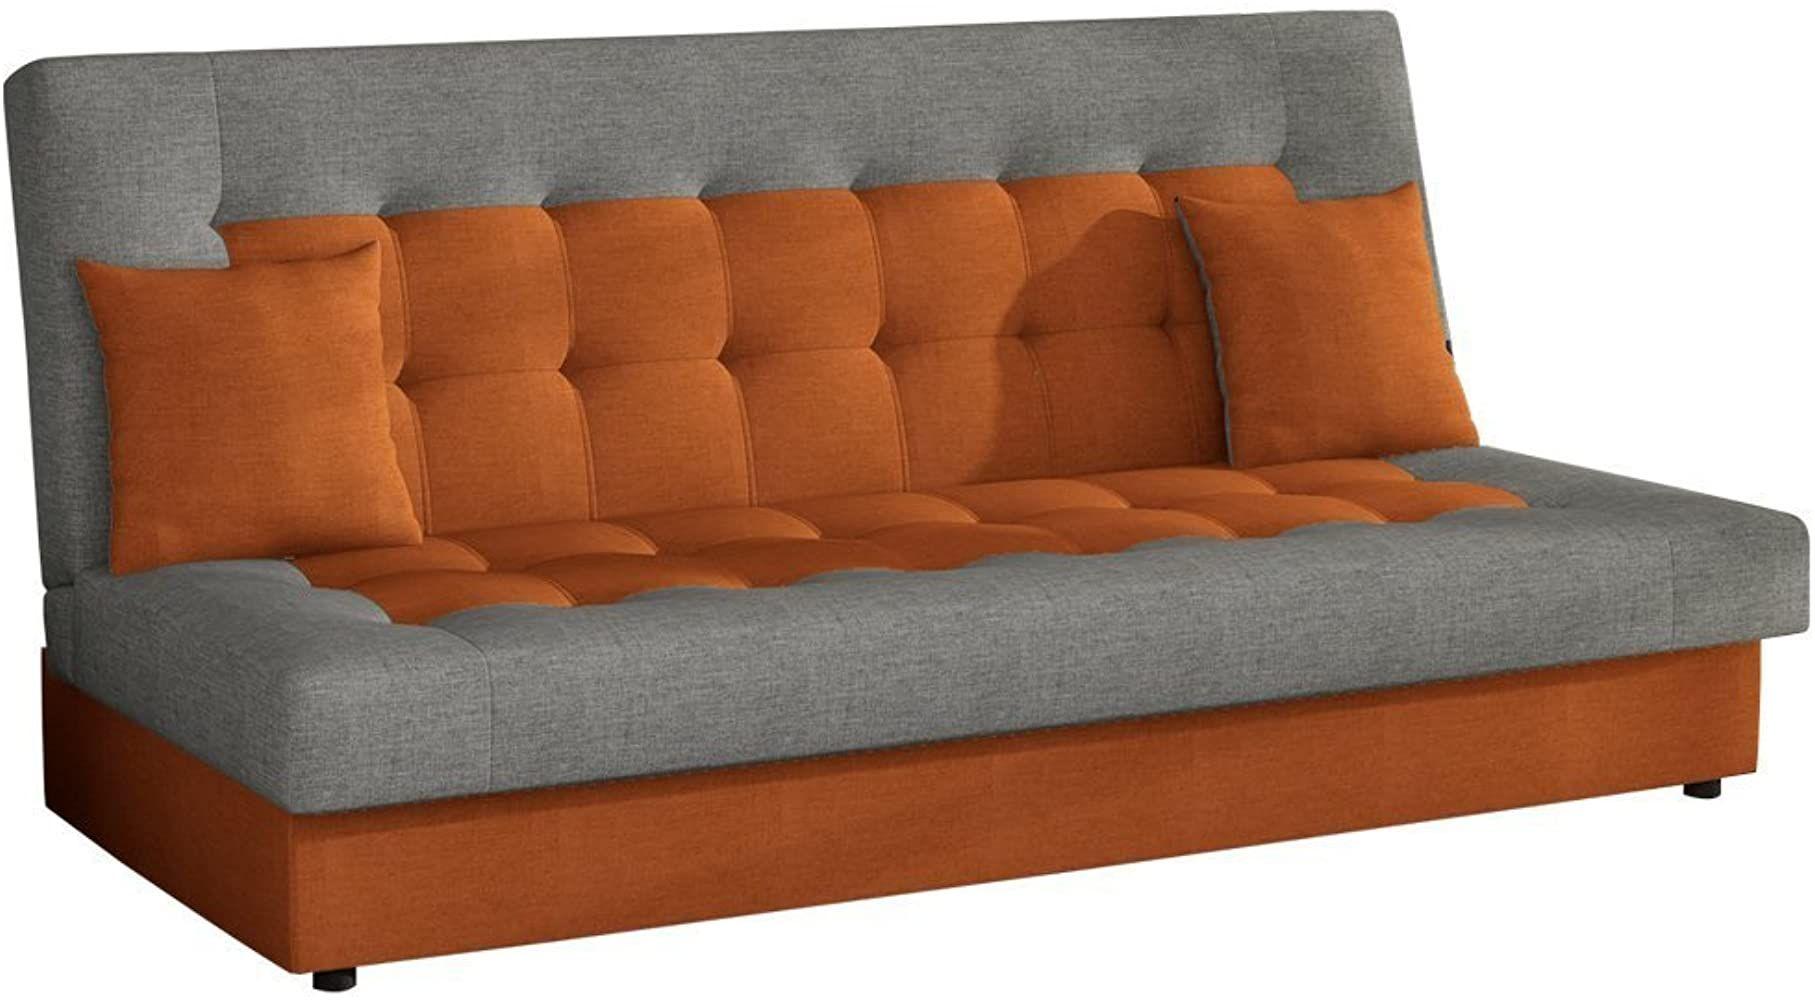 Modernes Sofa Neon Mit Bettkasten Und Schlaffunktion Lounge Couch